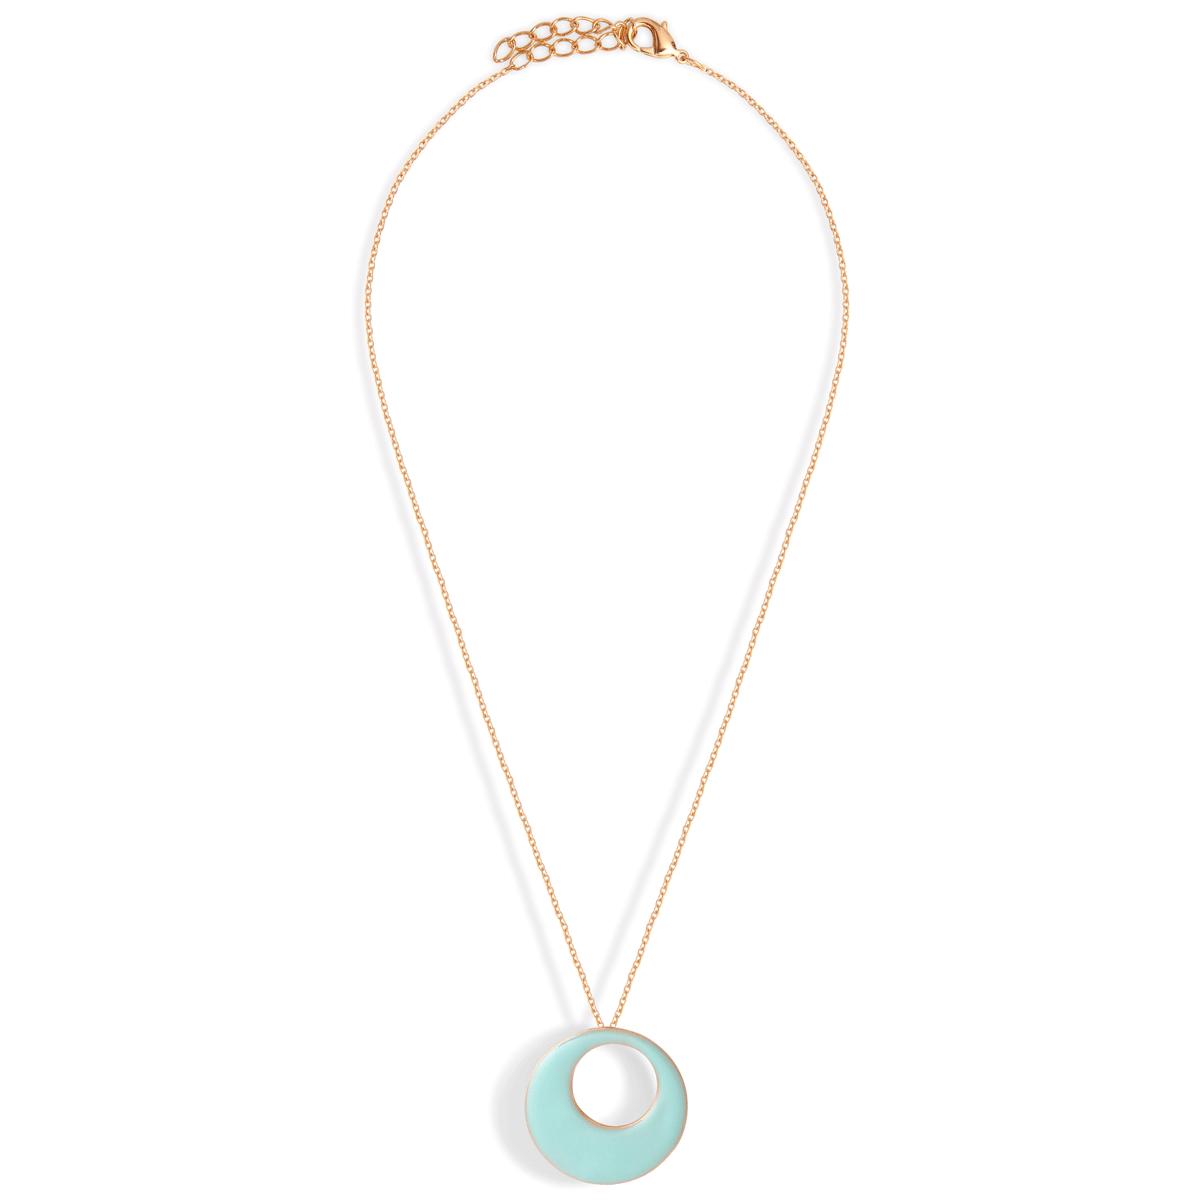 58bijou createur email little woman paris collier rond bleu